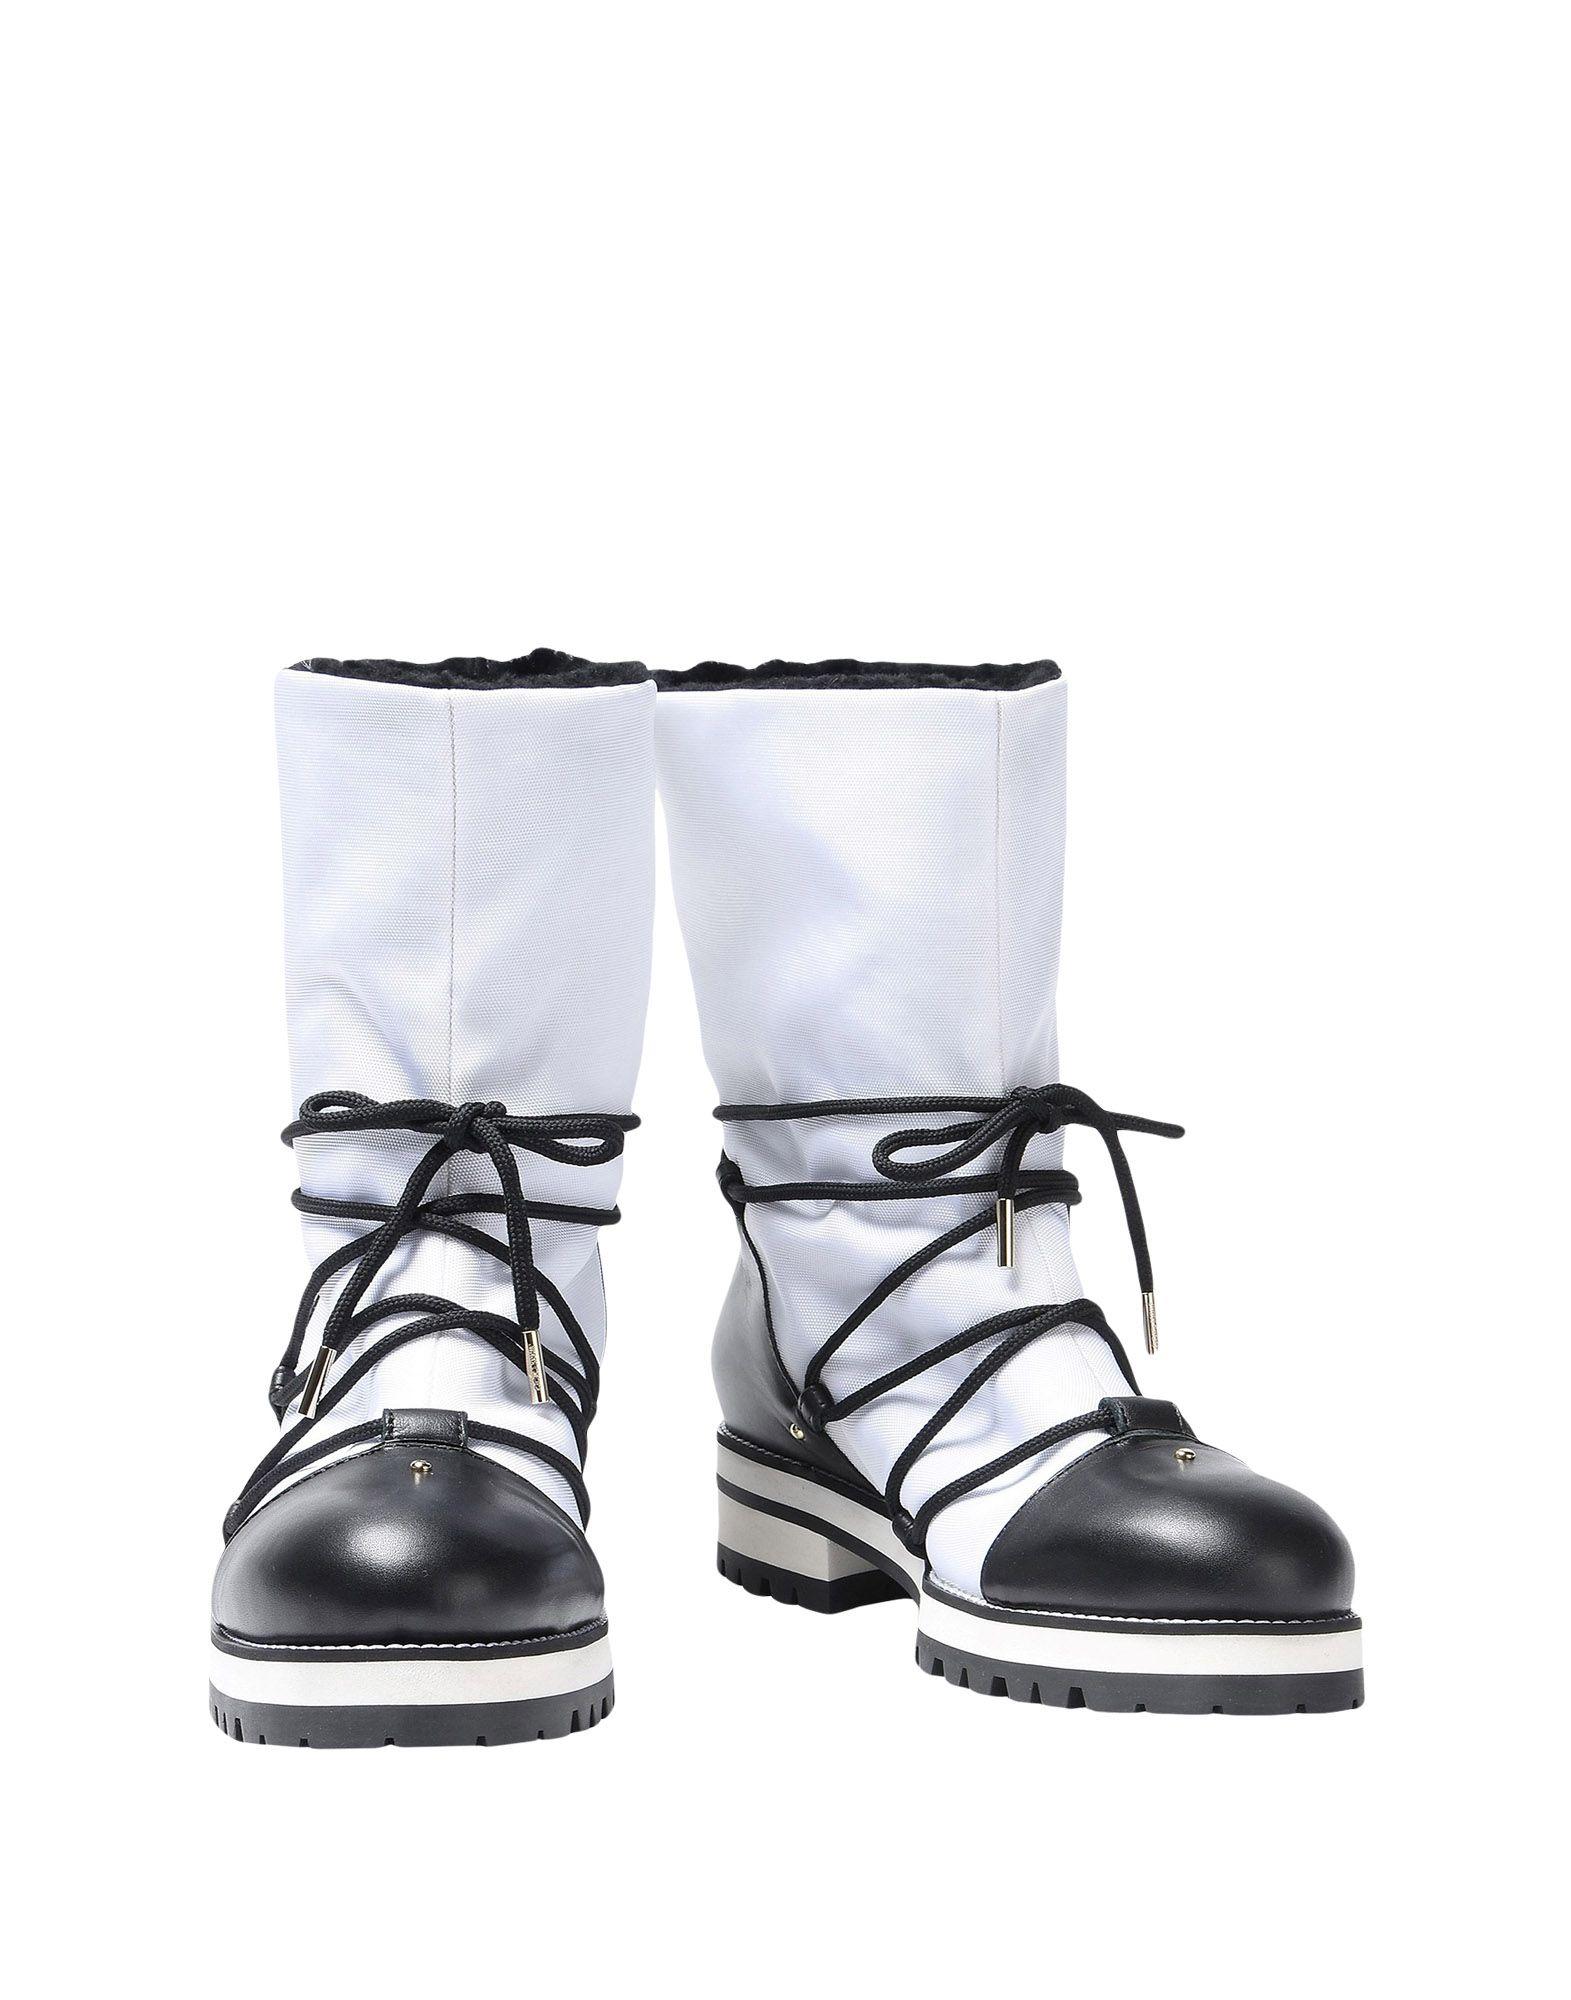 Rabatt Schuhe Stiefelette Jimmy Choo Stiefelette Schuhe Damen  11394423SQ 93d202